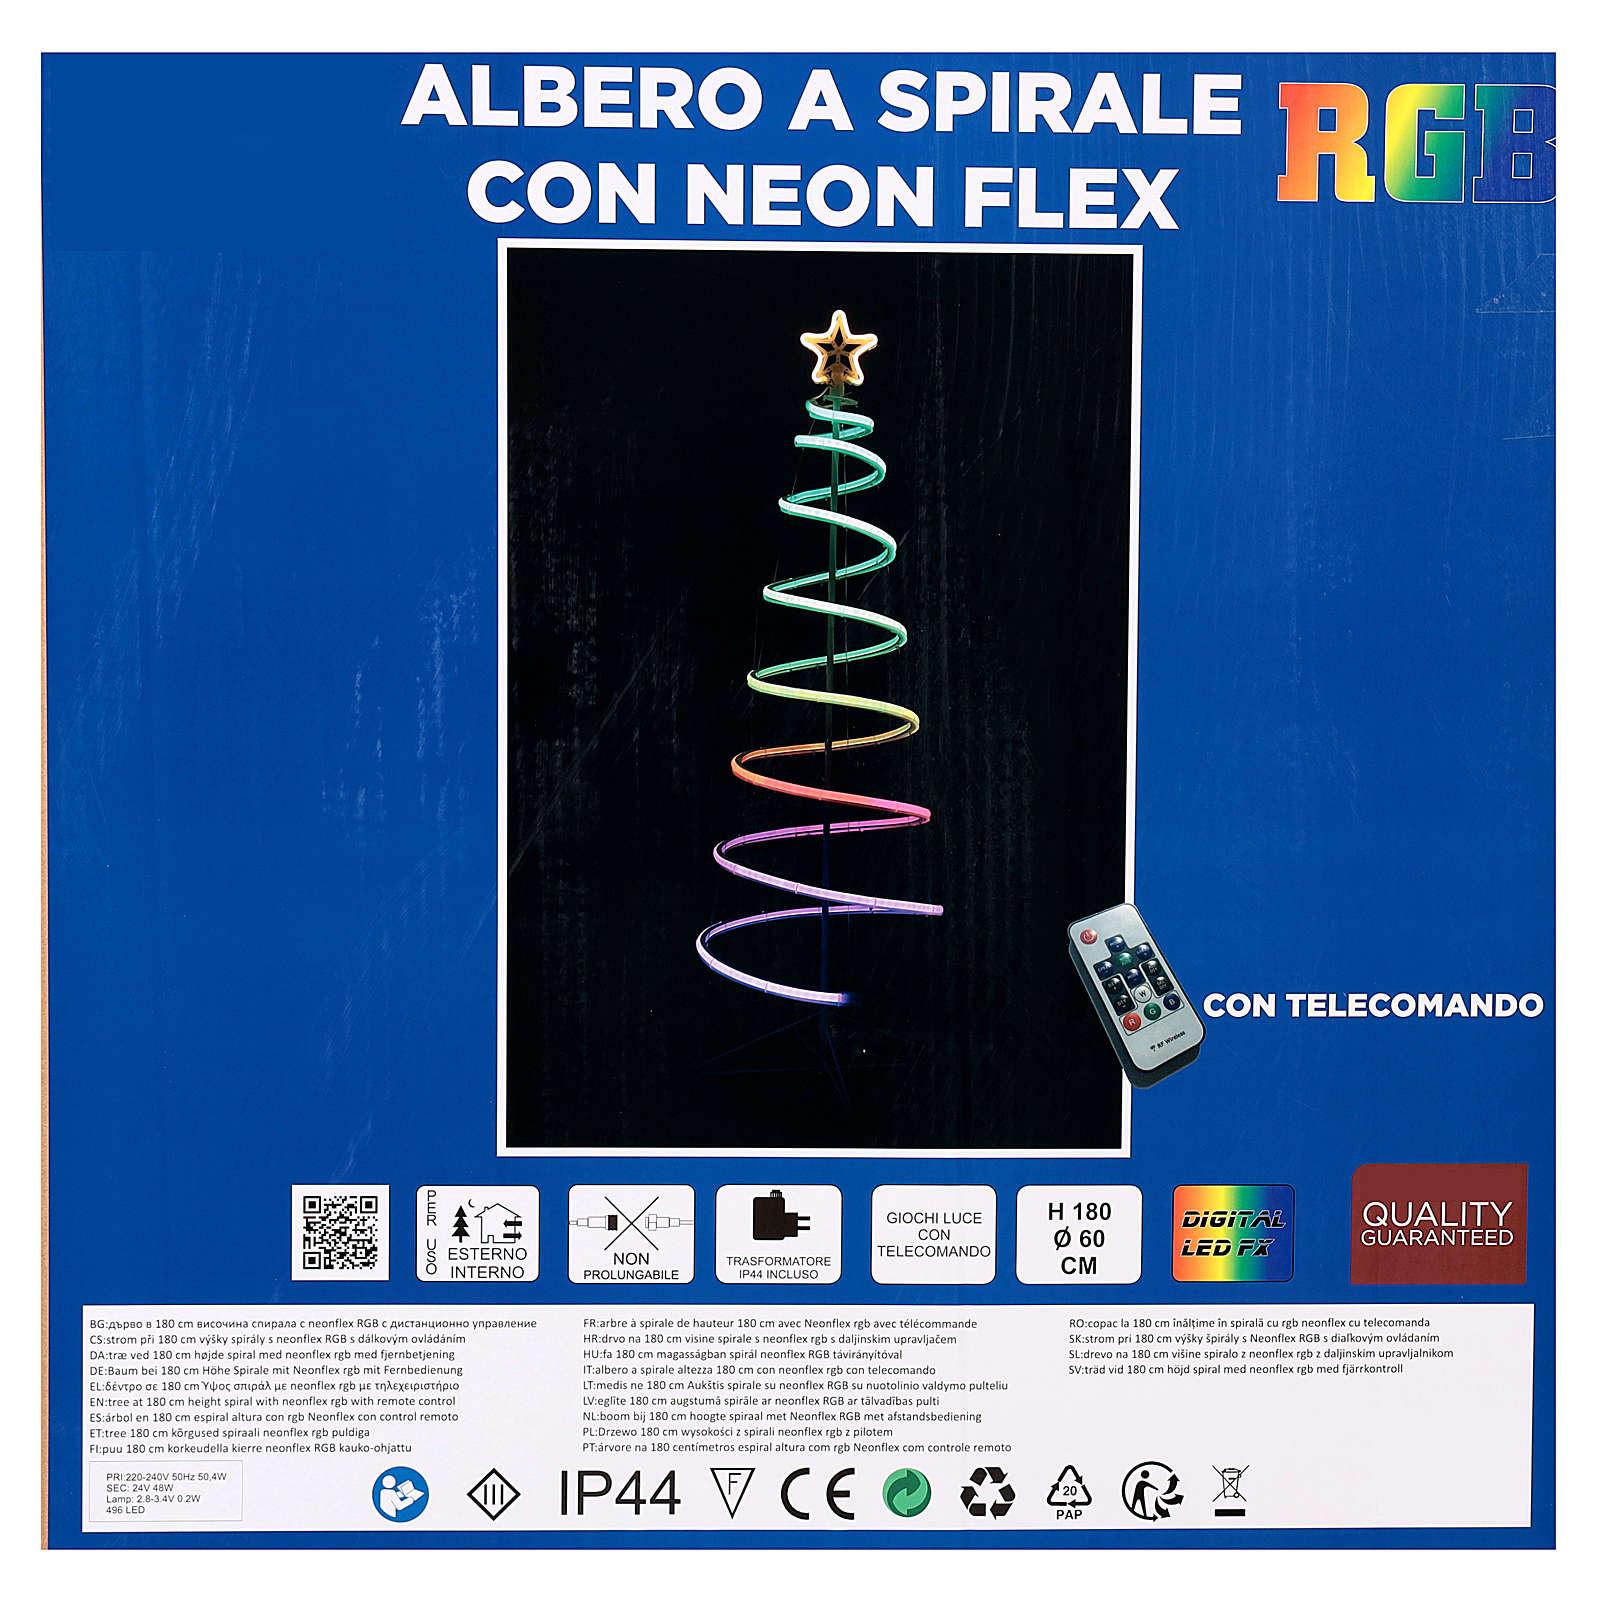 Albero a spirale 496 LED RGB multicolor corrente batteria 3